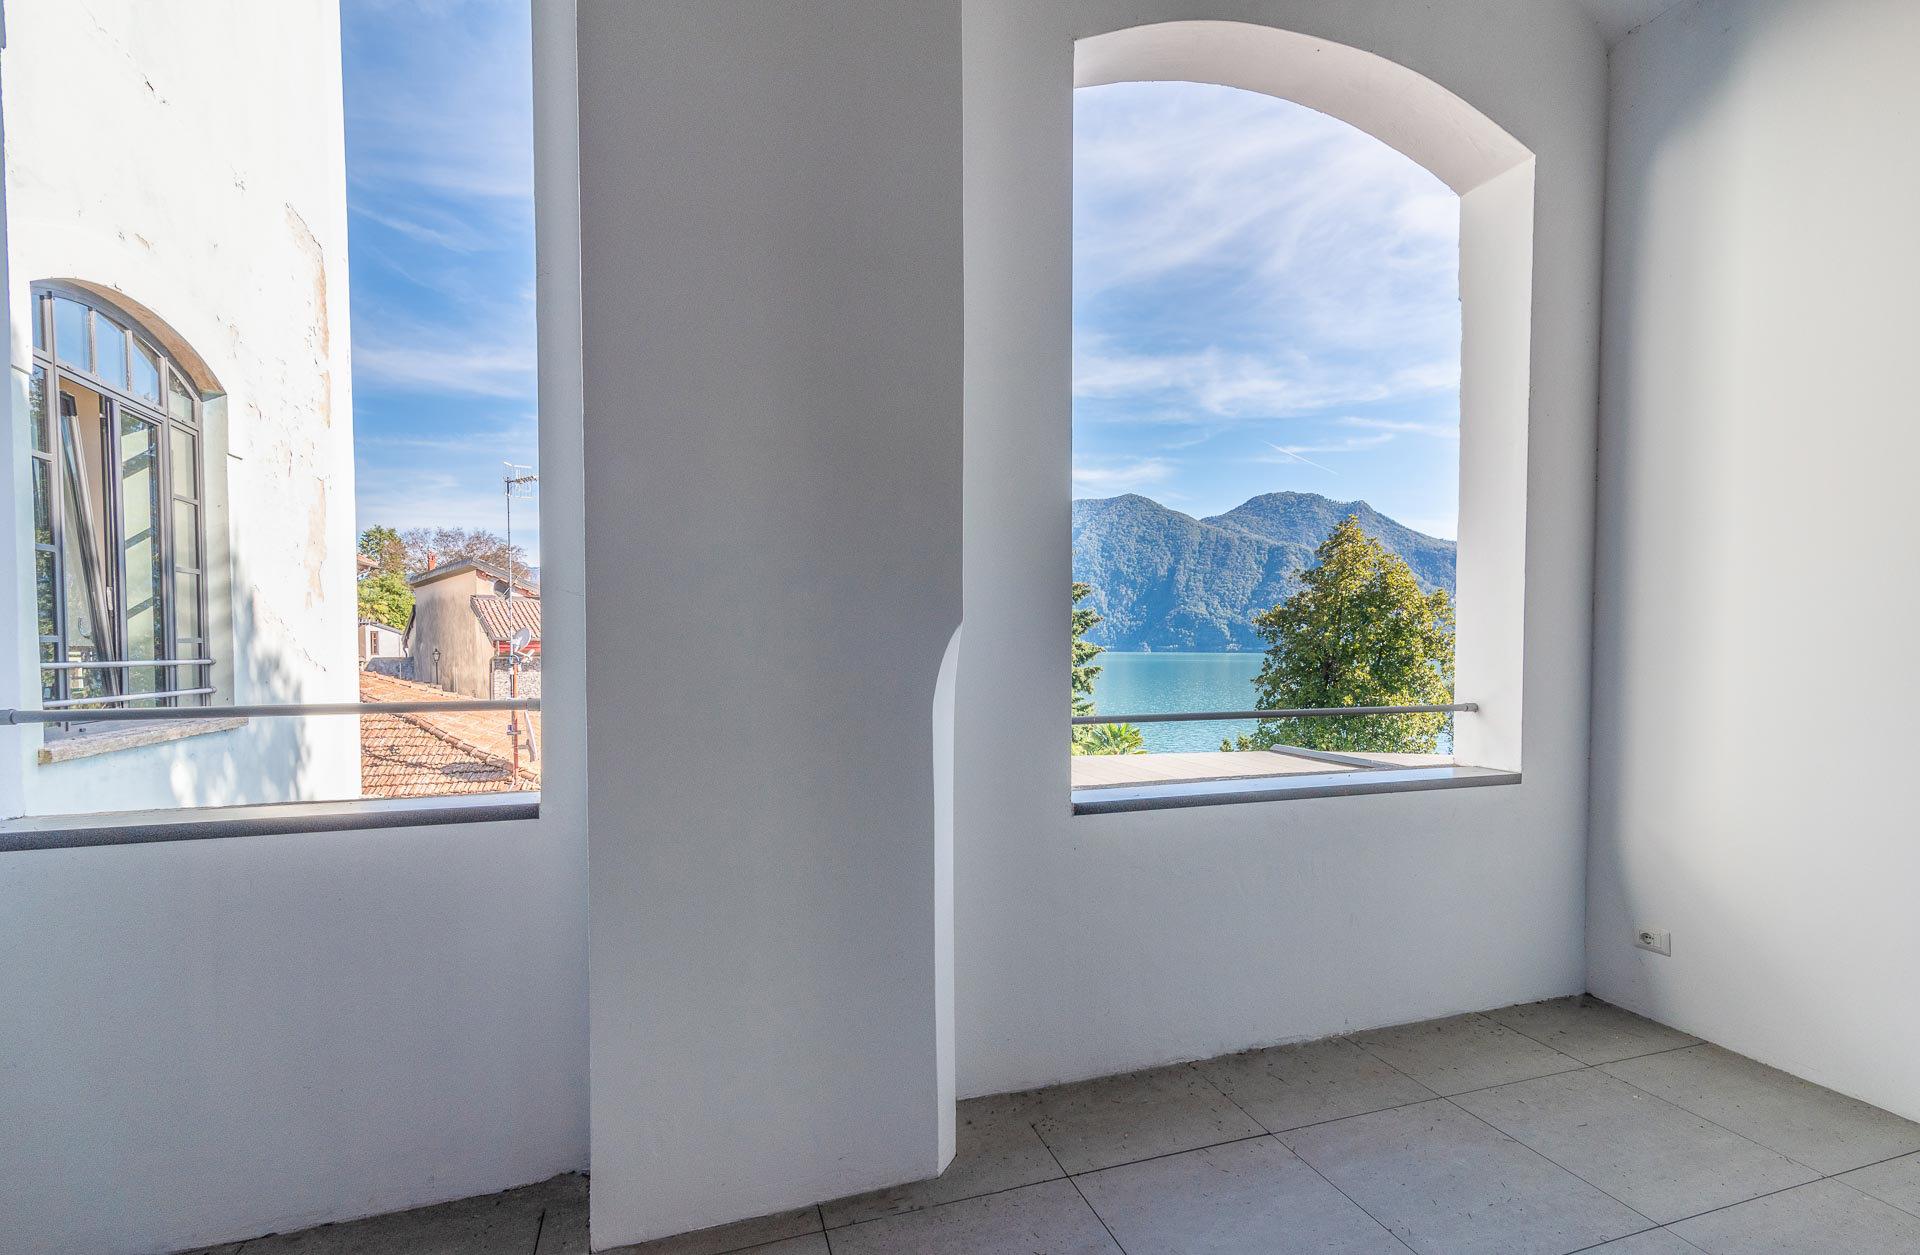 Renovated Loft for Sale in Ghiffa Lake Maggiore